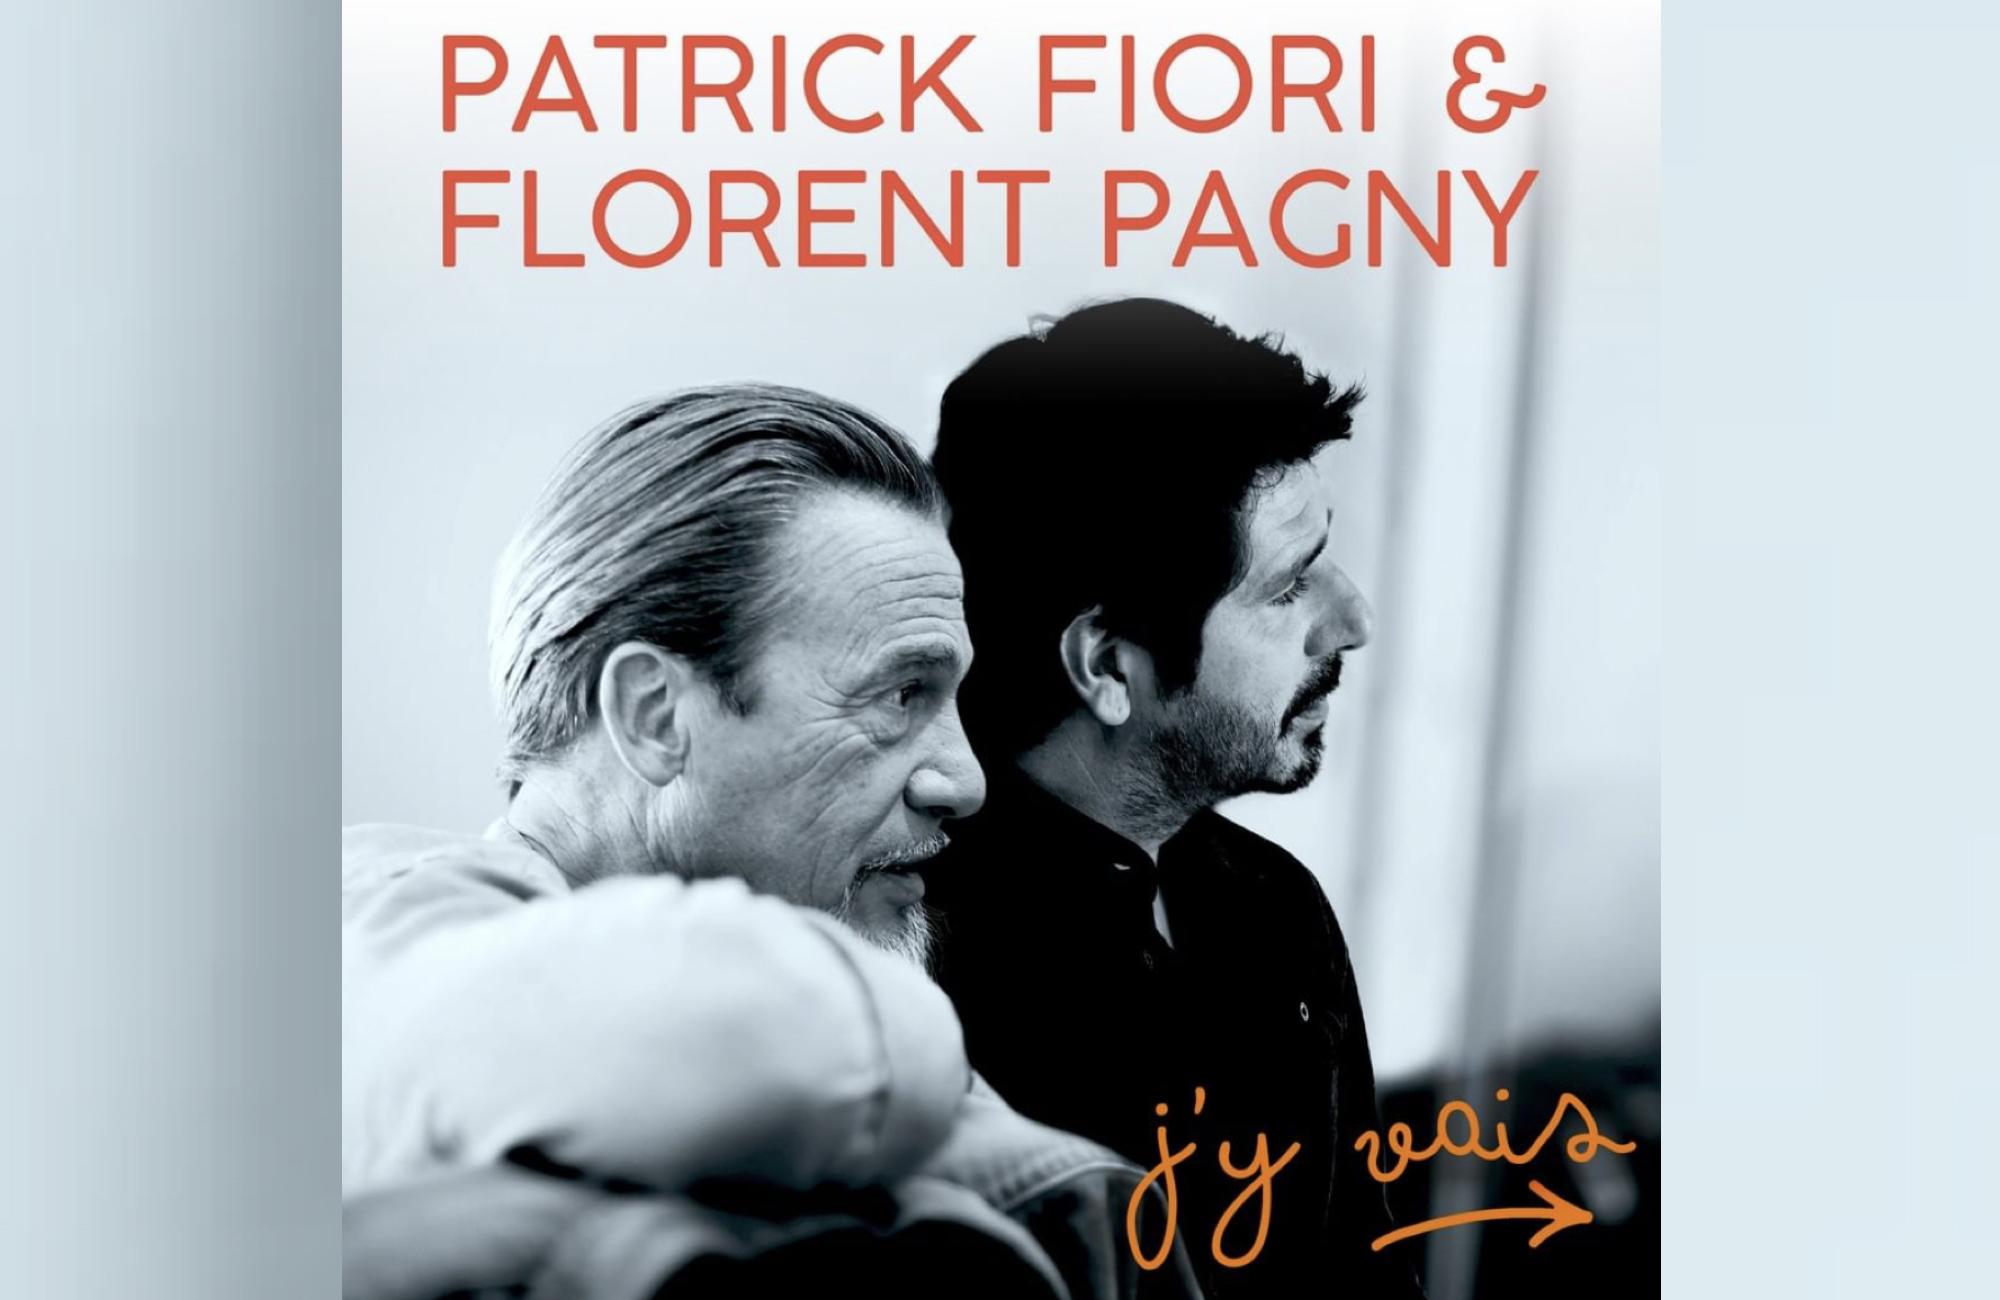 Patrick Fiori et Florent Pagny en duo sur le titre « J'y vais » - Syma News : votre magazine d'actualité